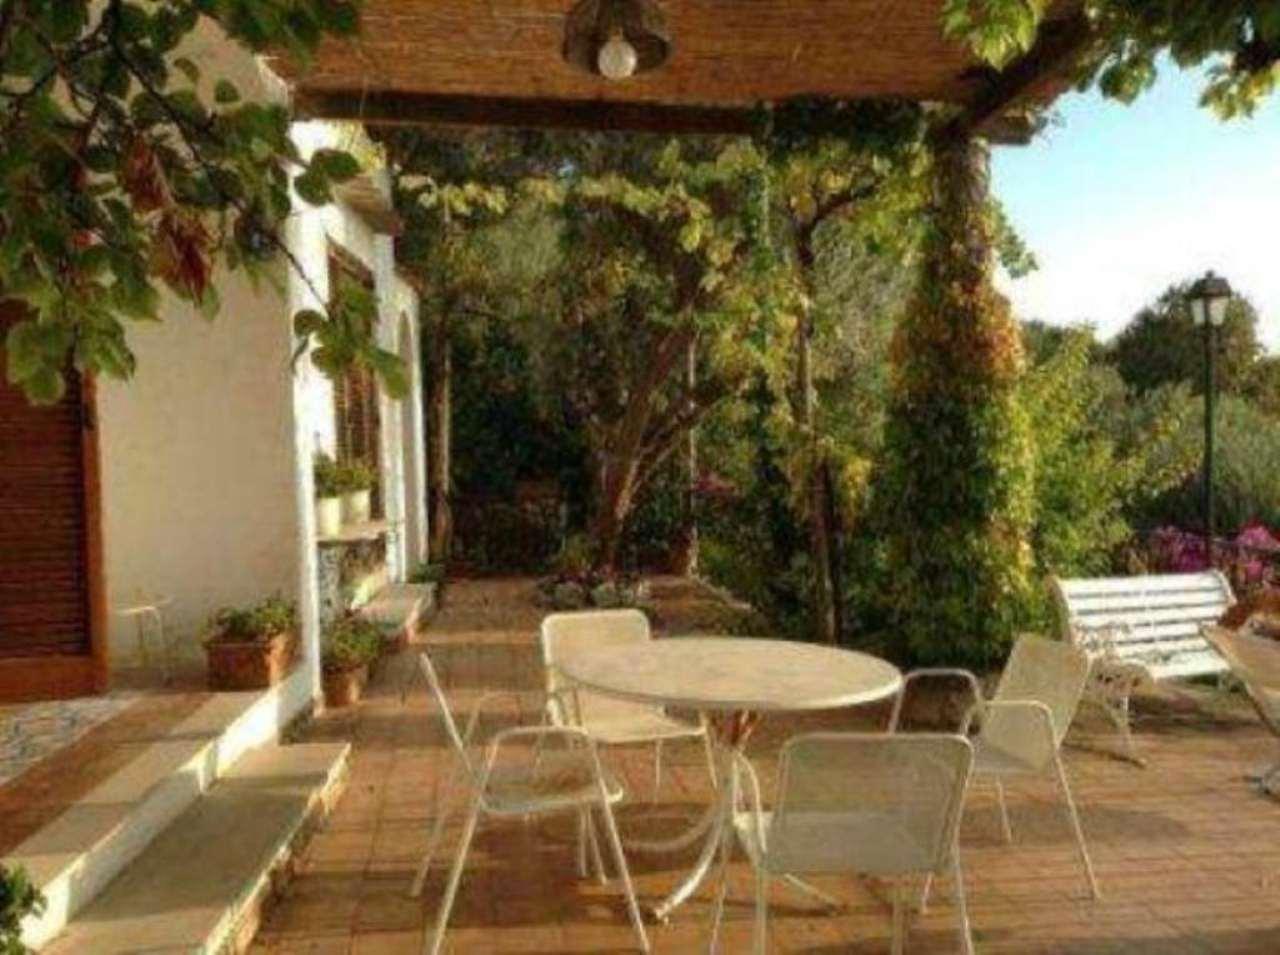 Appartamento in vendita a Massa Lubrense, 6 locali, prezzo € 1.150.000 | CambioCasa.it